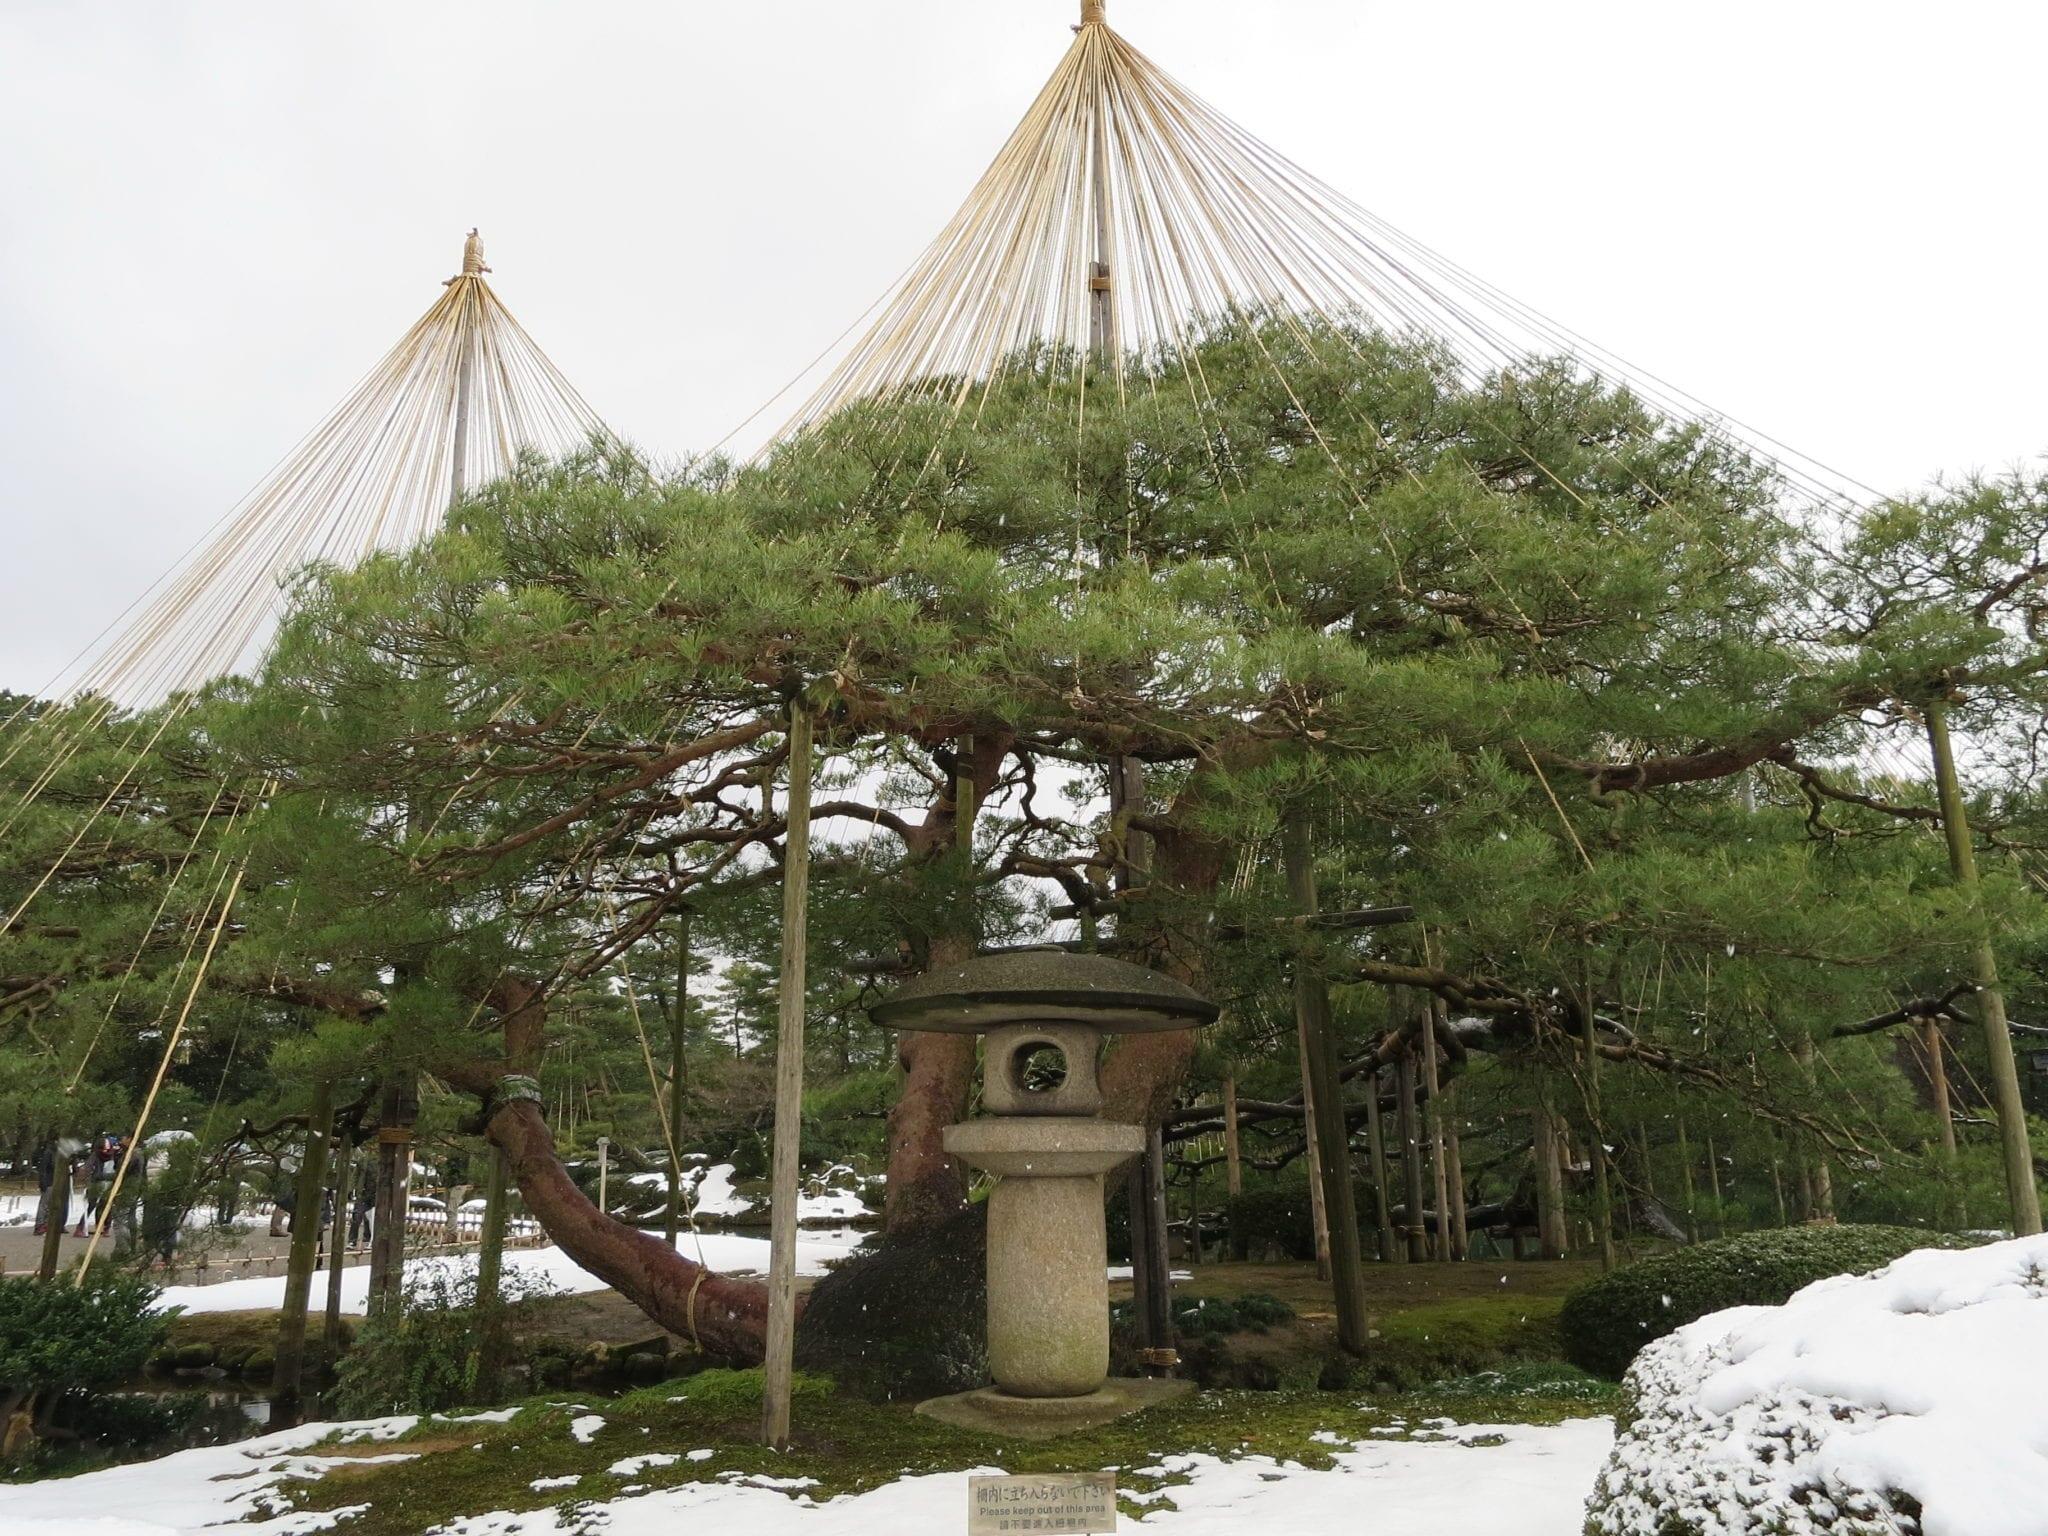 เที่ยวญี่ปุ่น ที่เที่ยวญี่ปุ่น ที่เที่ยวคานาซาว่า เที่ยวคานาซาว่า